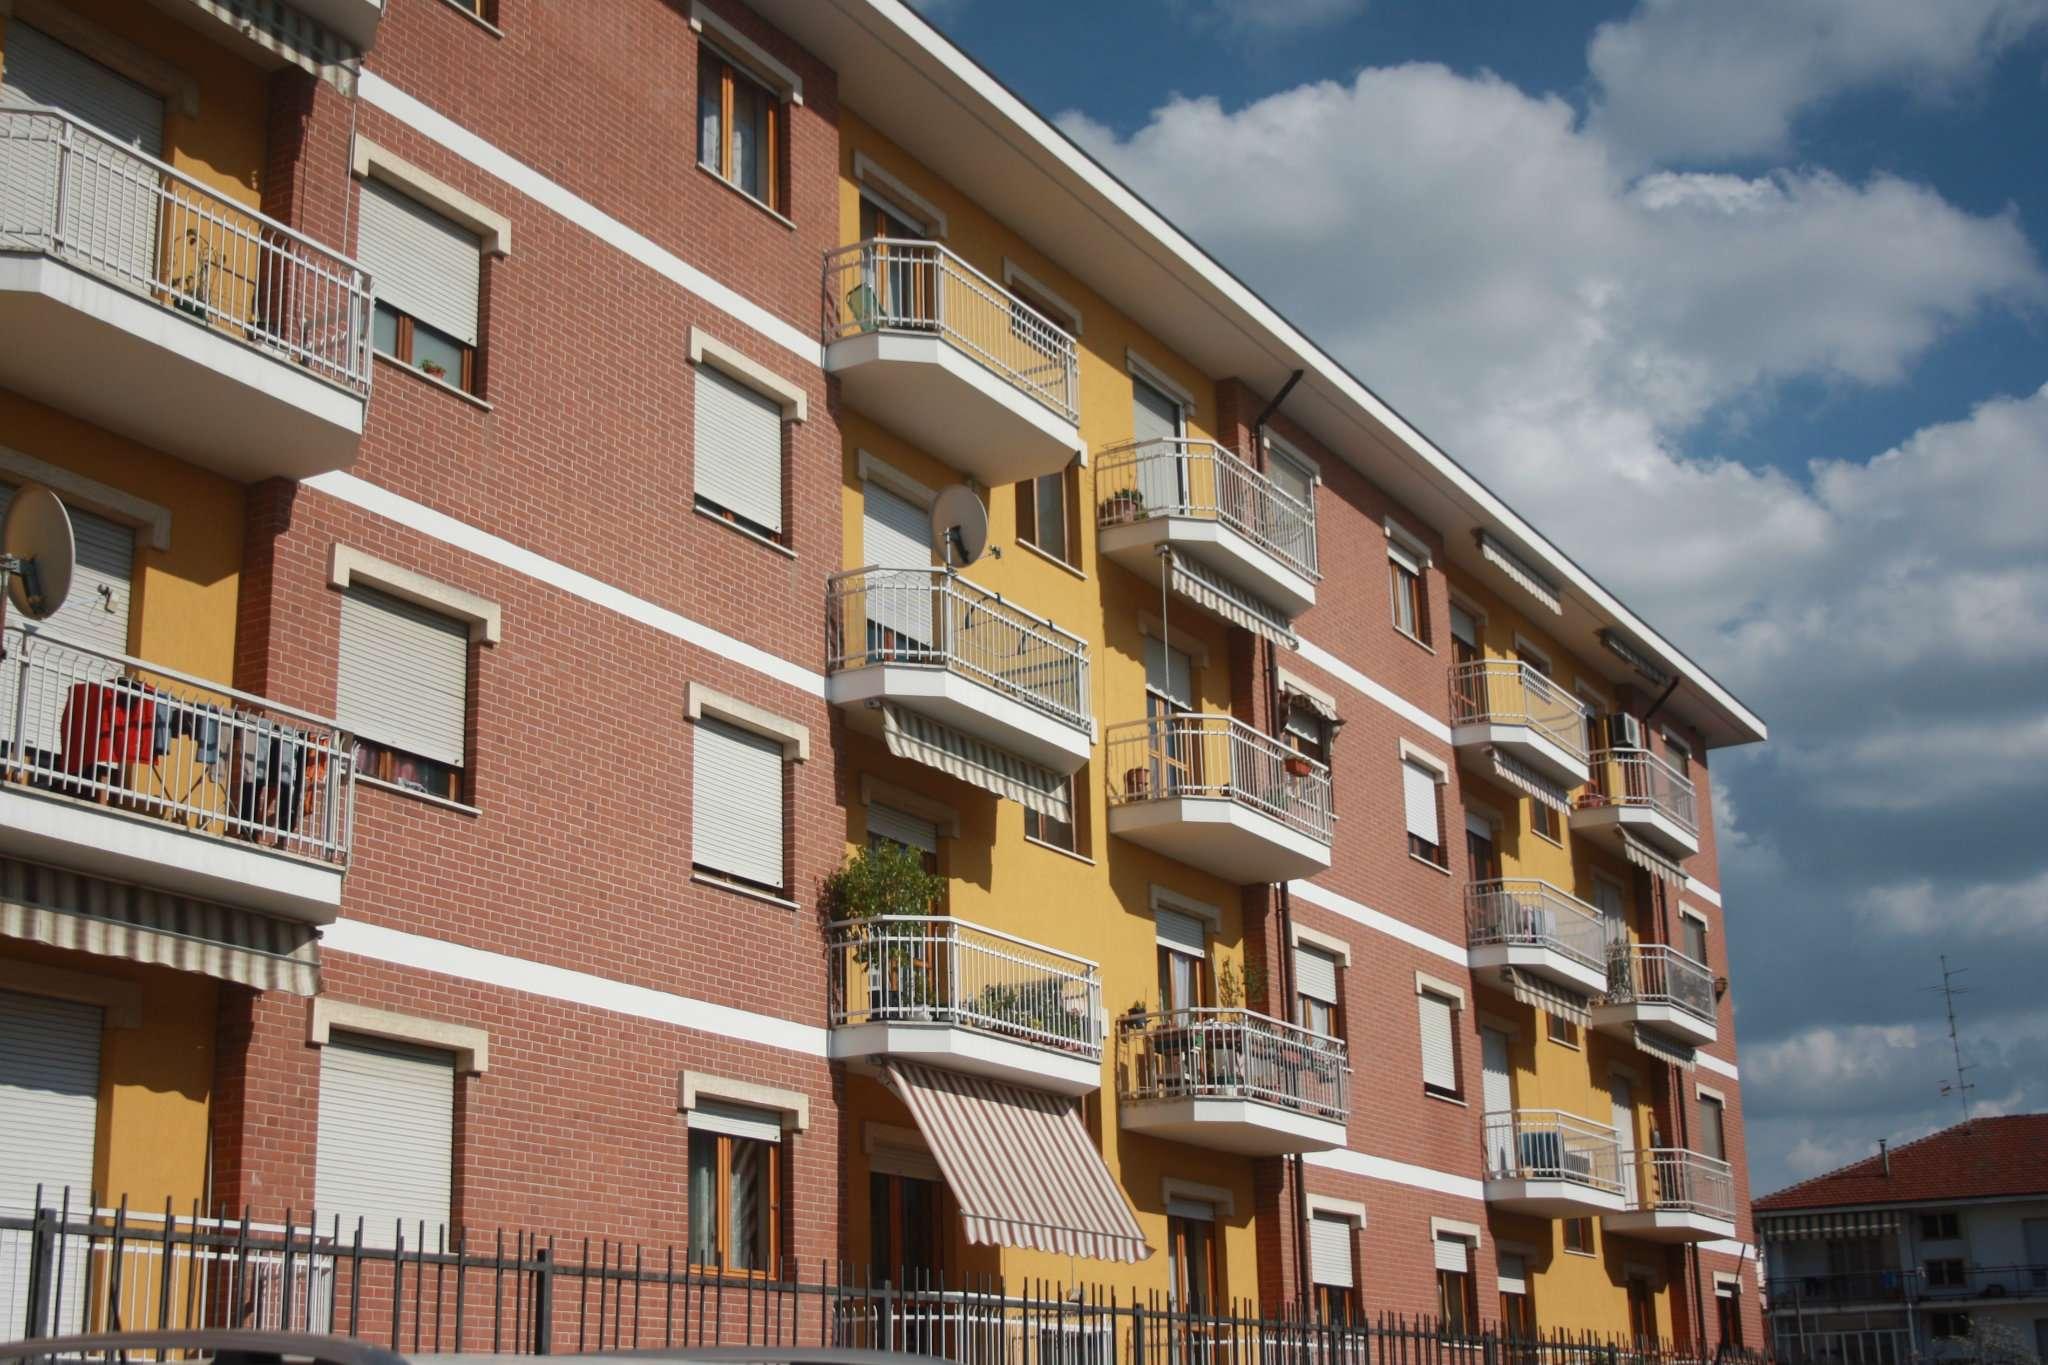 Appartamento in vendita a Bra, 4 locali, prezzo € 119.000 | CambioCasa.it